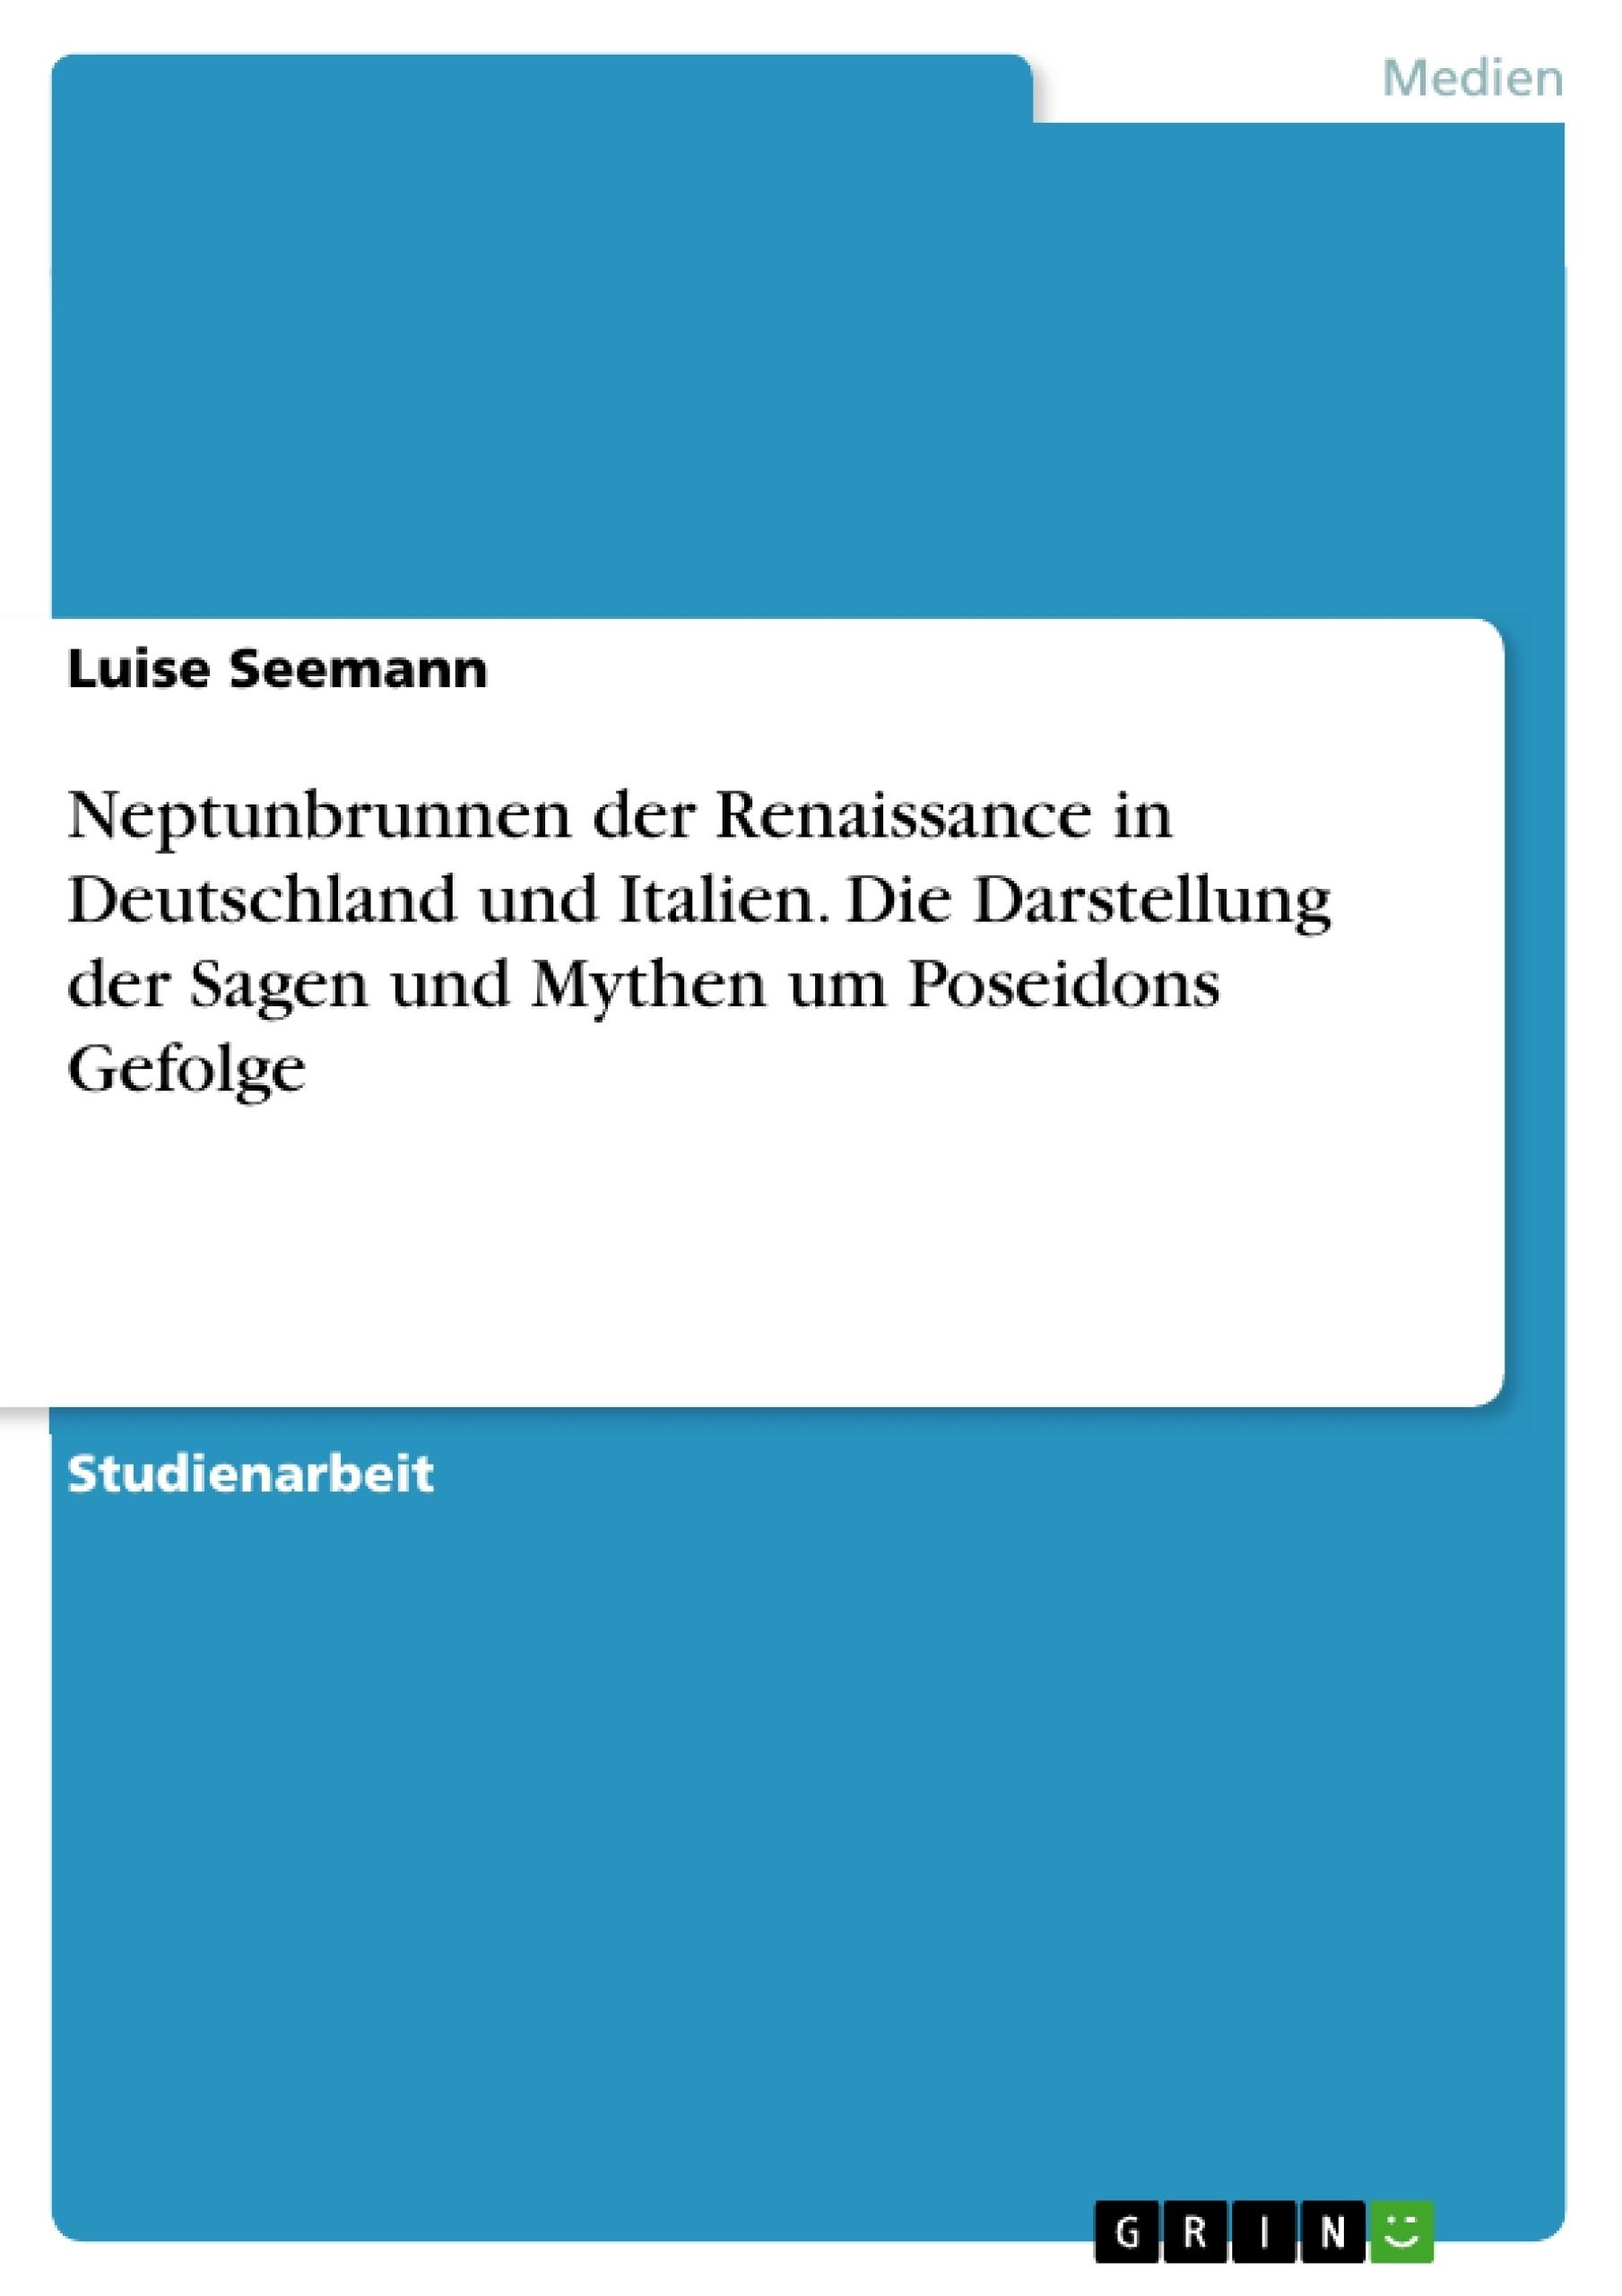 Titel: Neptunbrunnen der Renaissance in Deutschland und Italien. Die Darstellung der Sagen und Mythen um Poseidons Gefolge